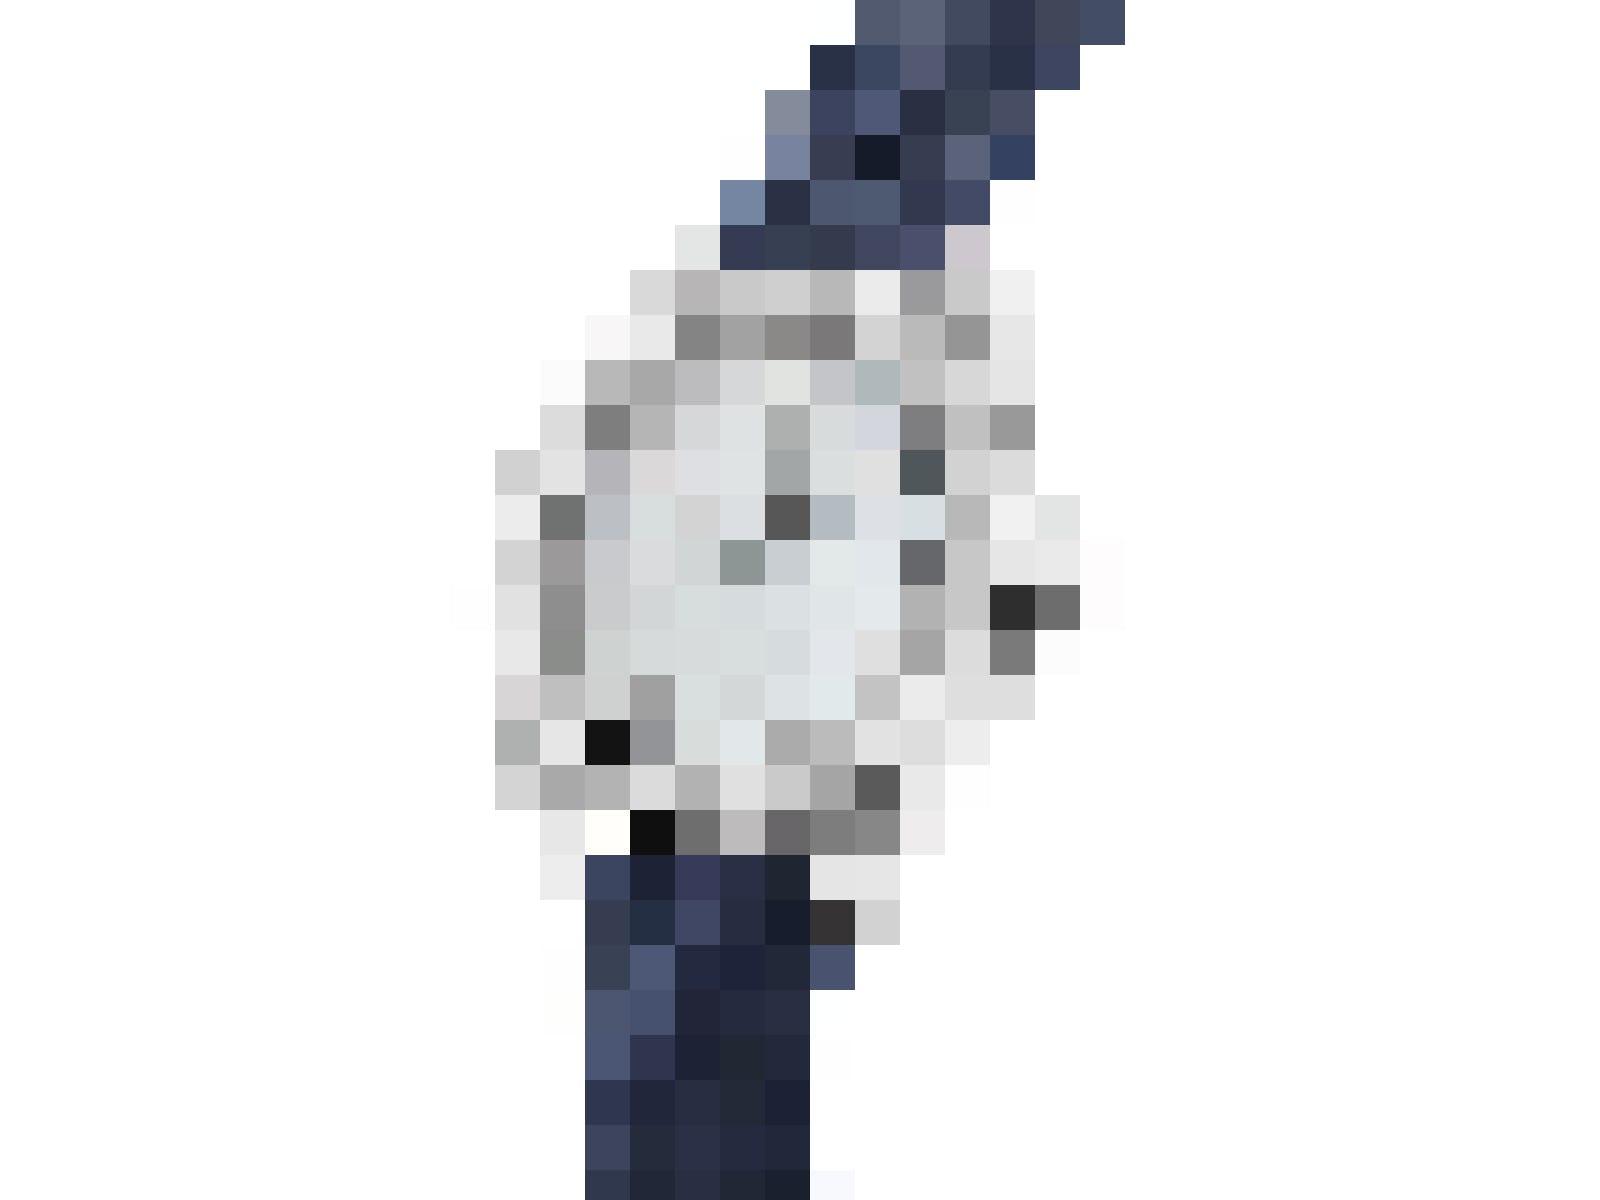 Die Uhr besticht durch ihre Eleganz mit einem weissen Zifferblatt aus natürlichem Perlmutt und einem feinen marineblauen Kautschukarmband.